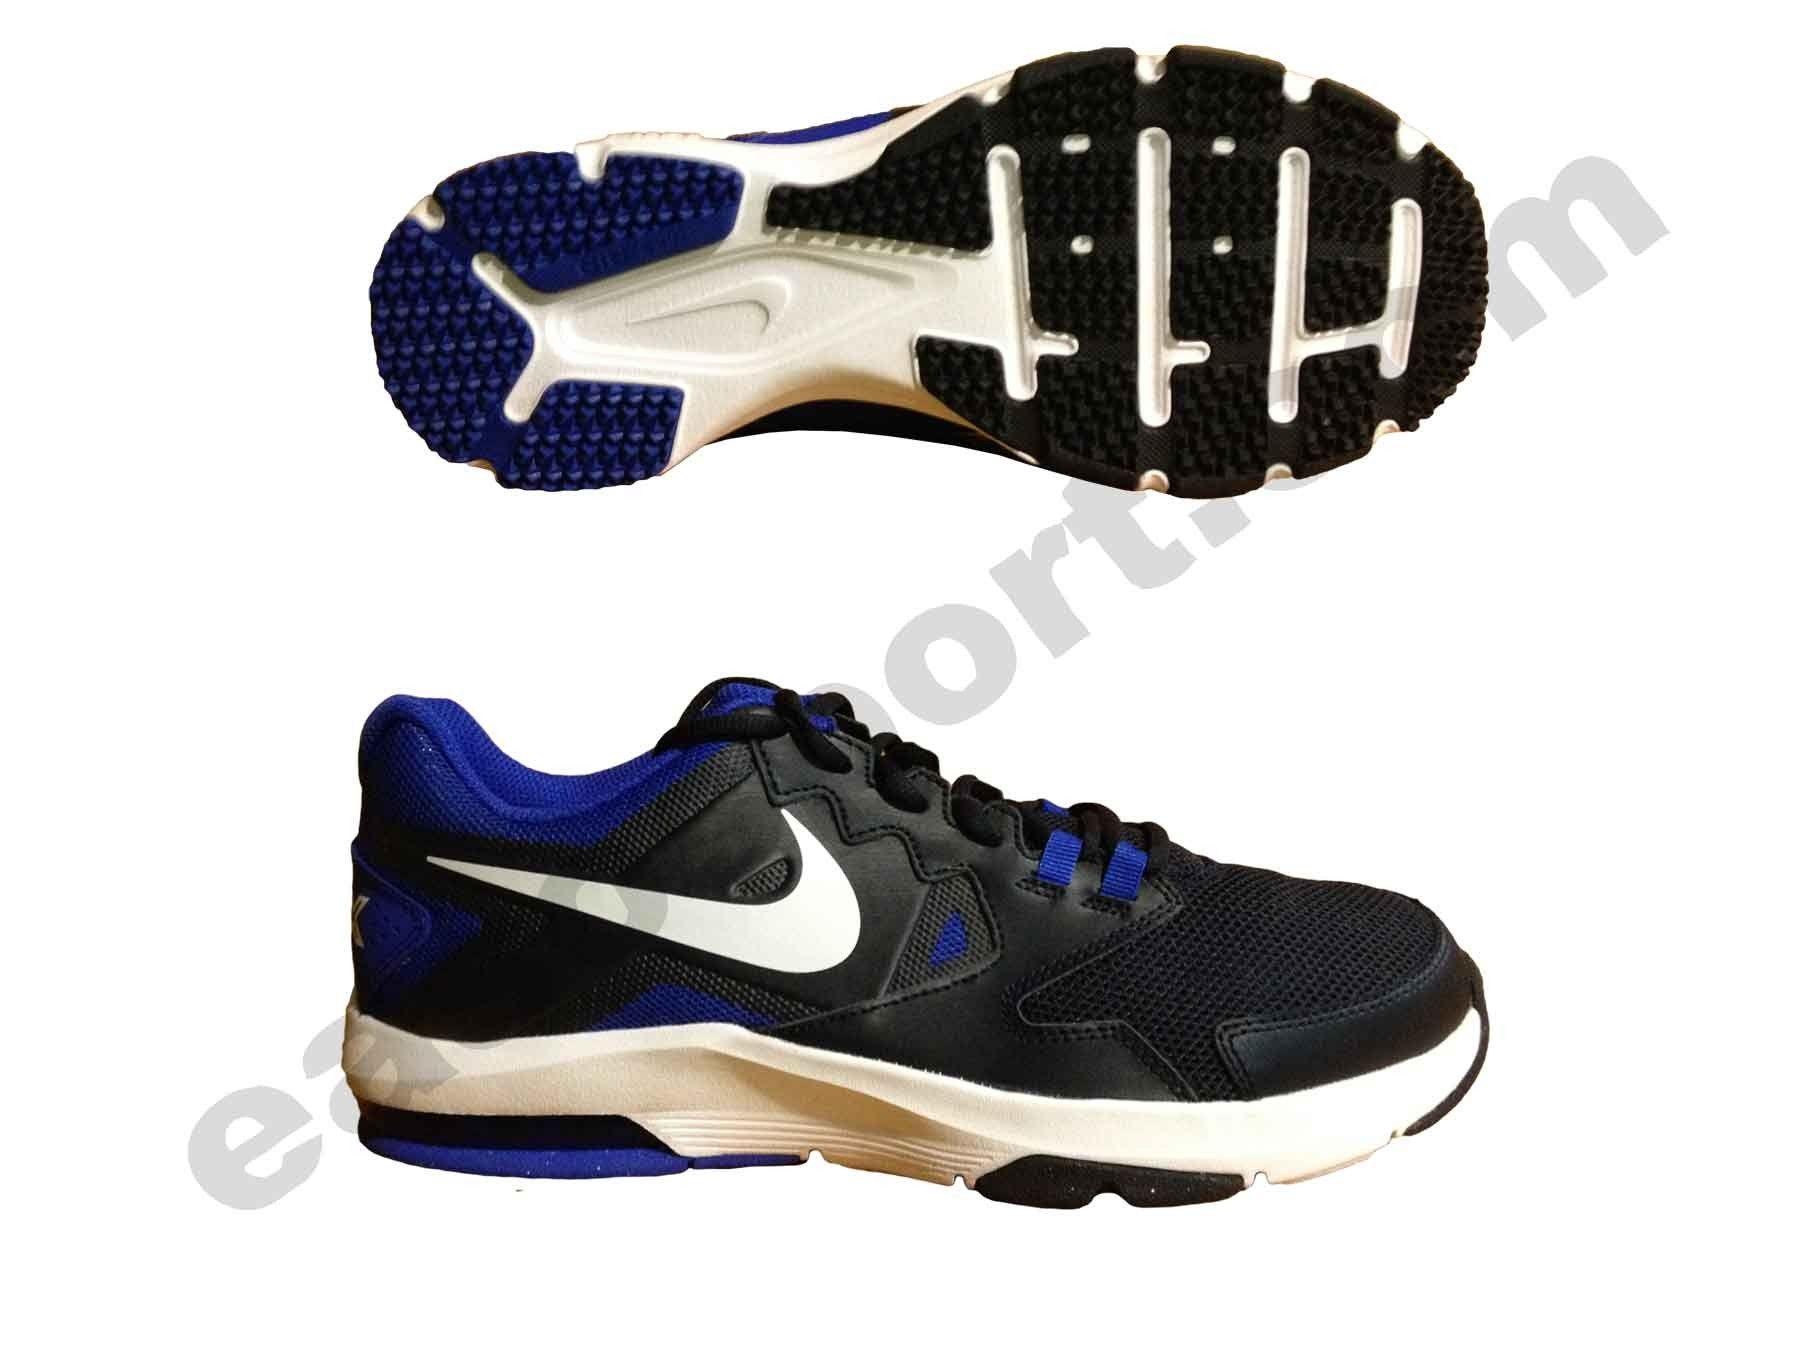 NIKE-ZAPATILLA AIR MAX CRUISHER 2 #running #training #easosport